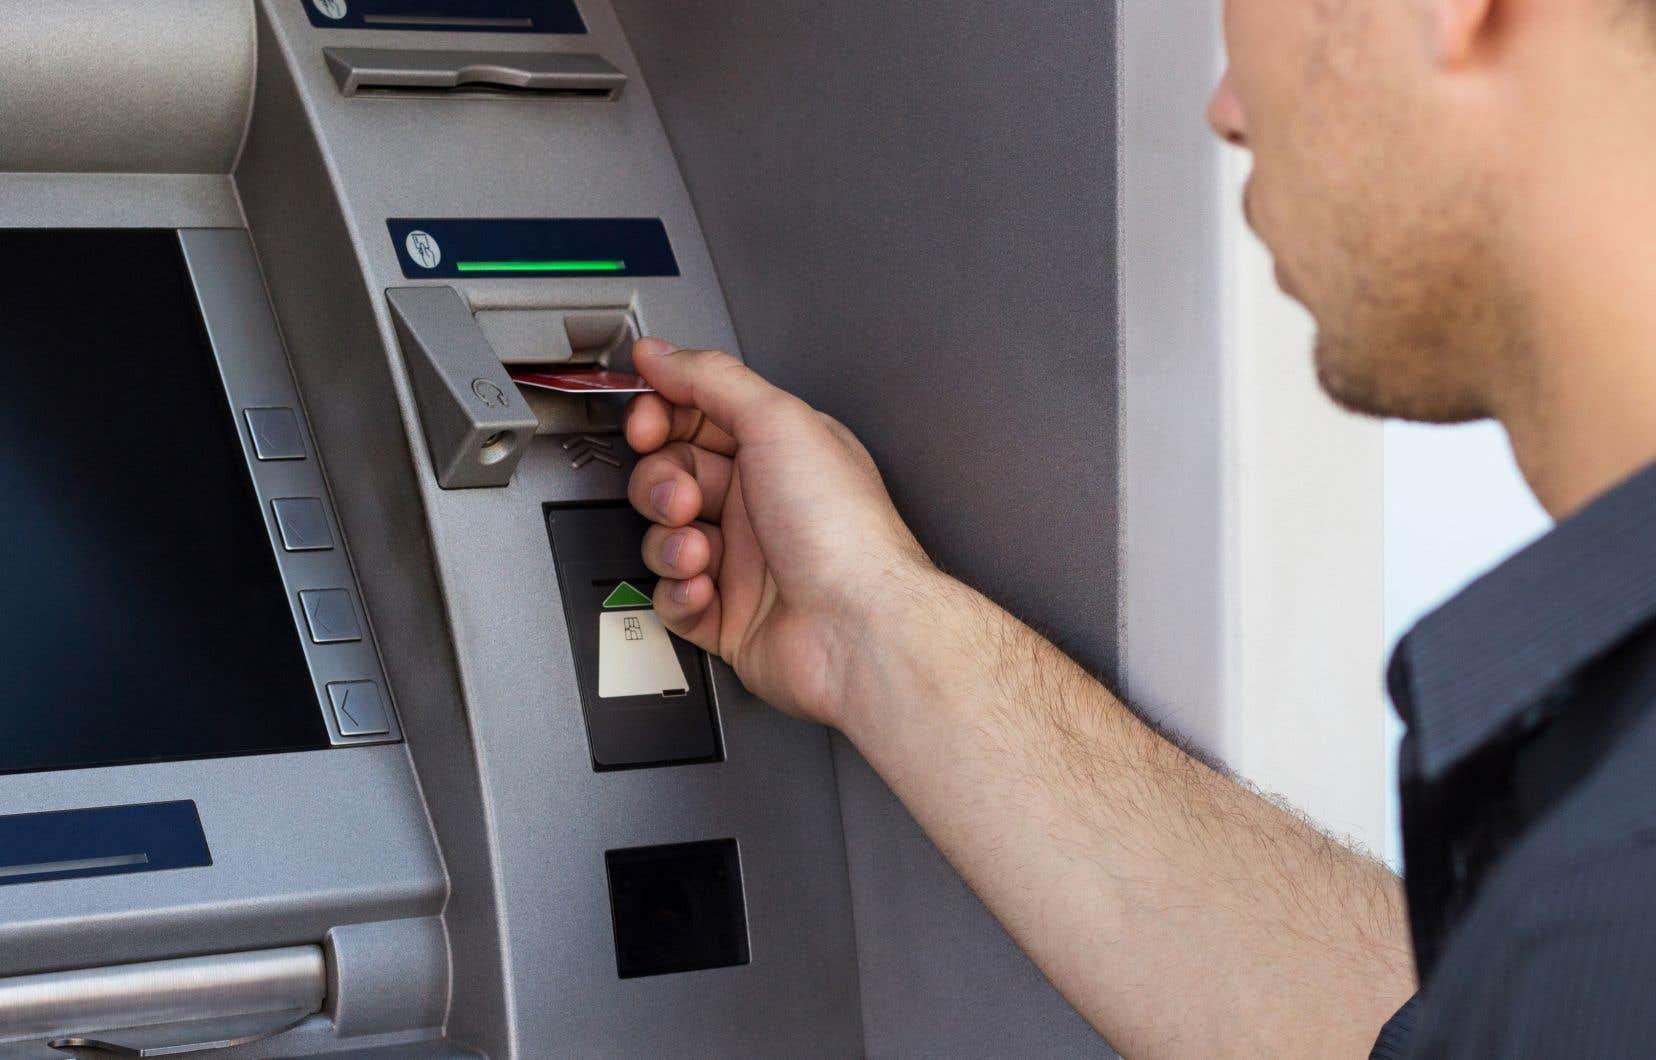 Les cartes de crédit et la fraude ont généré une partie des plaintes dans le secteur des produits et services bancaires.